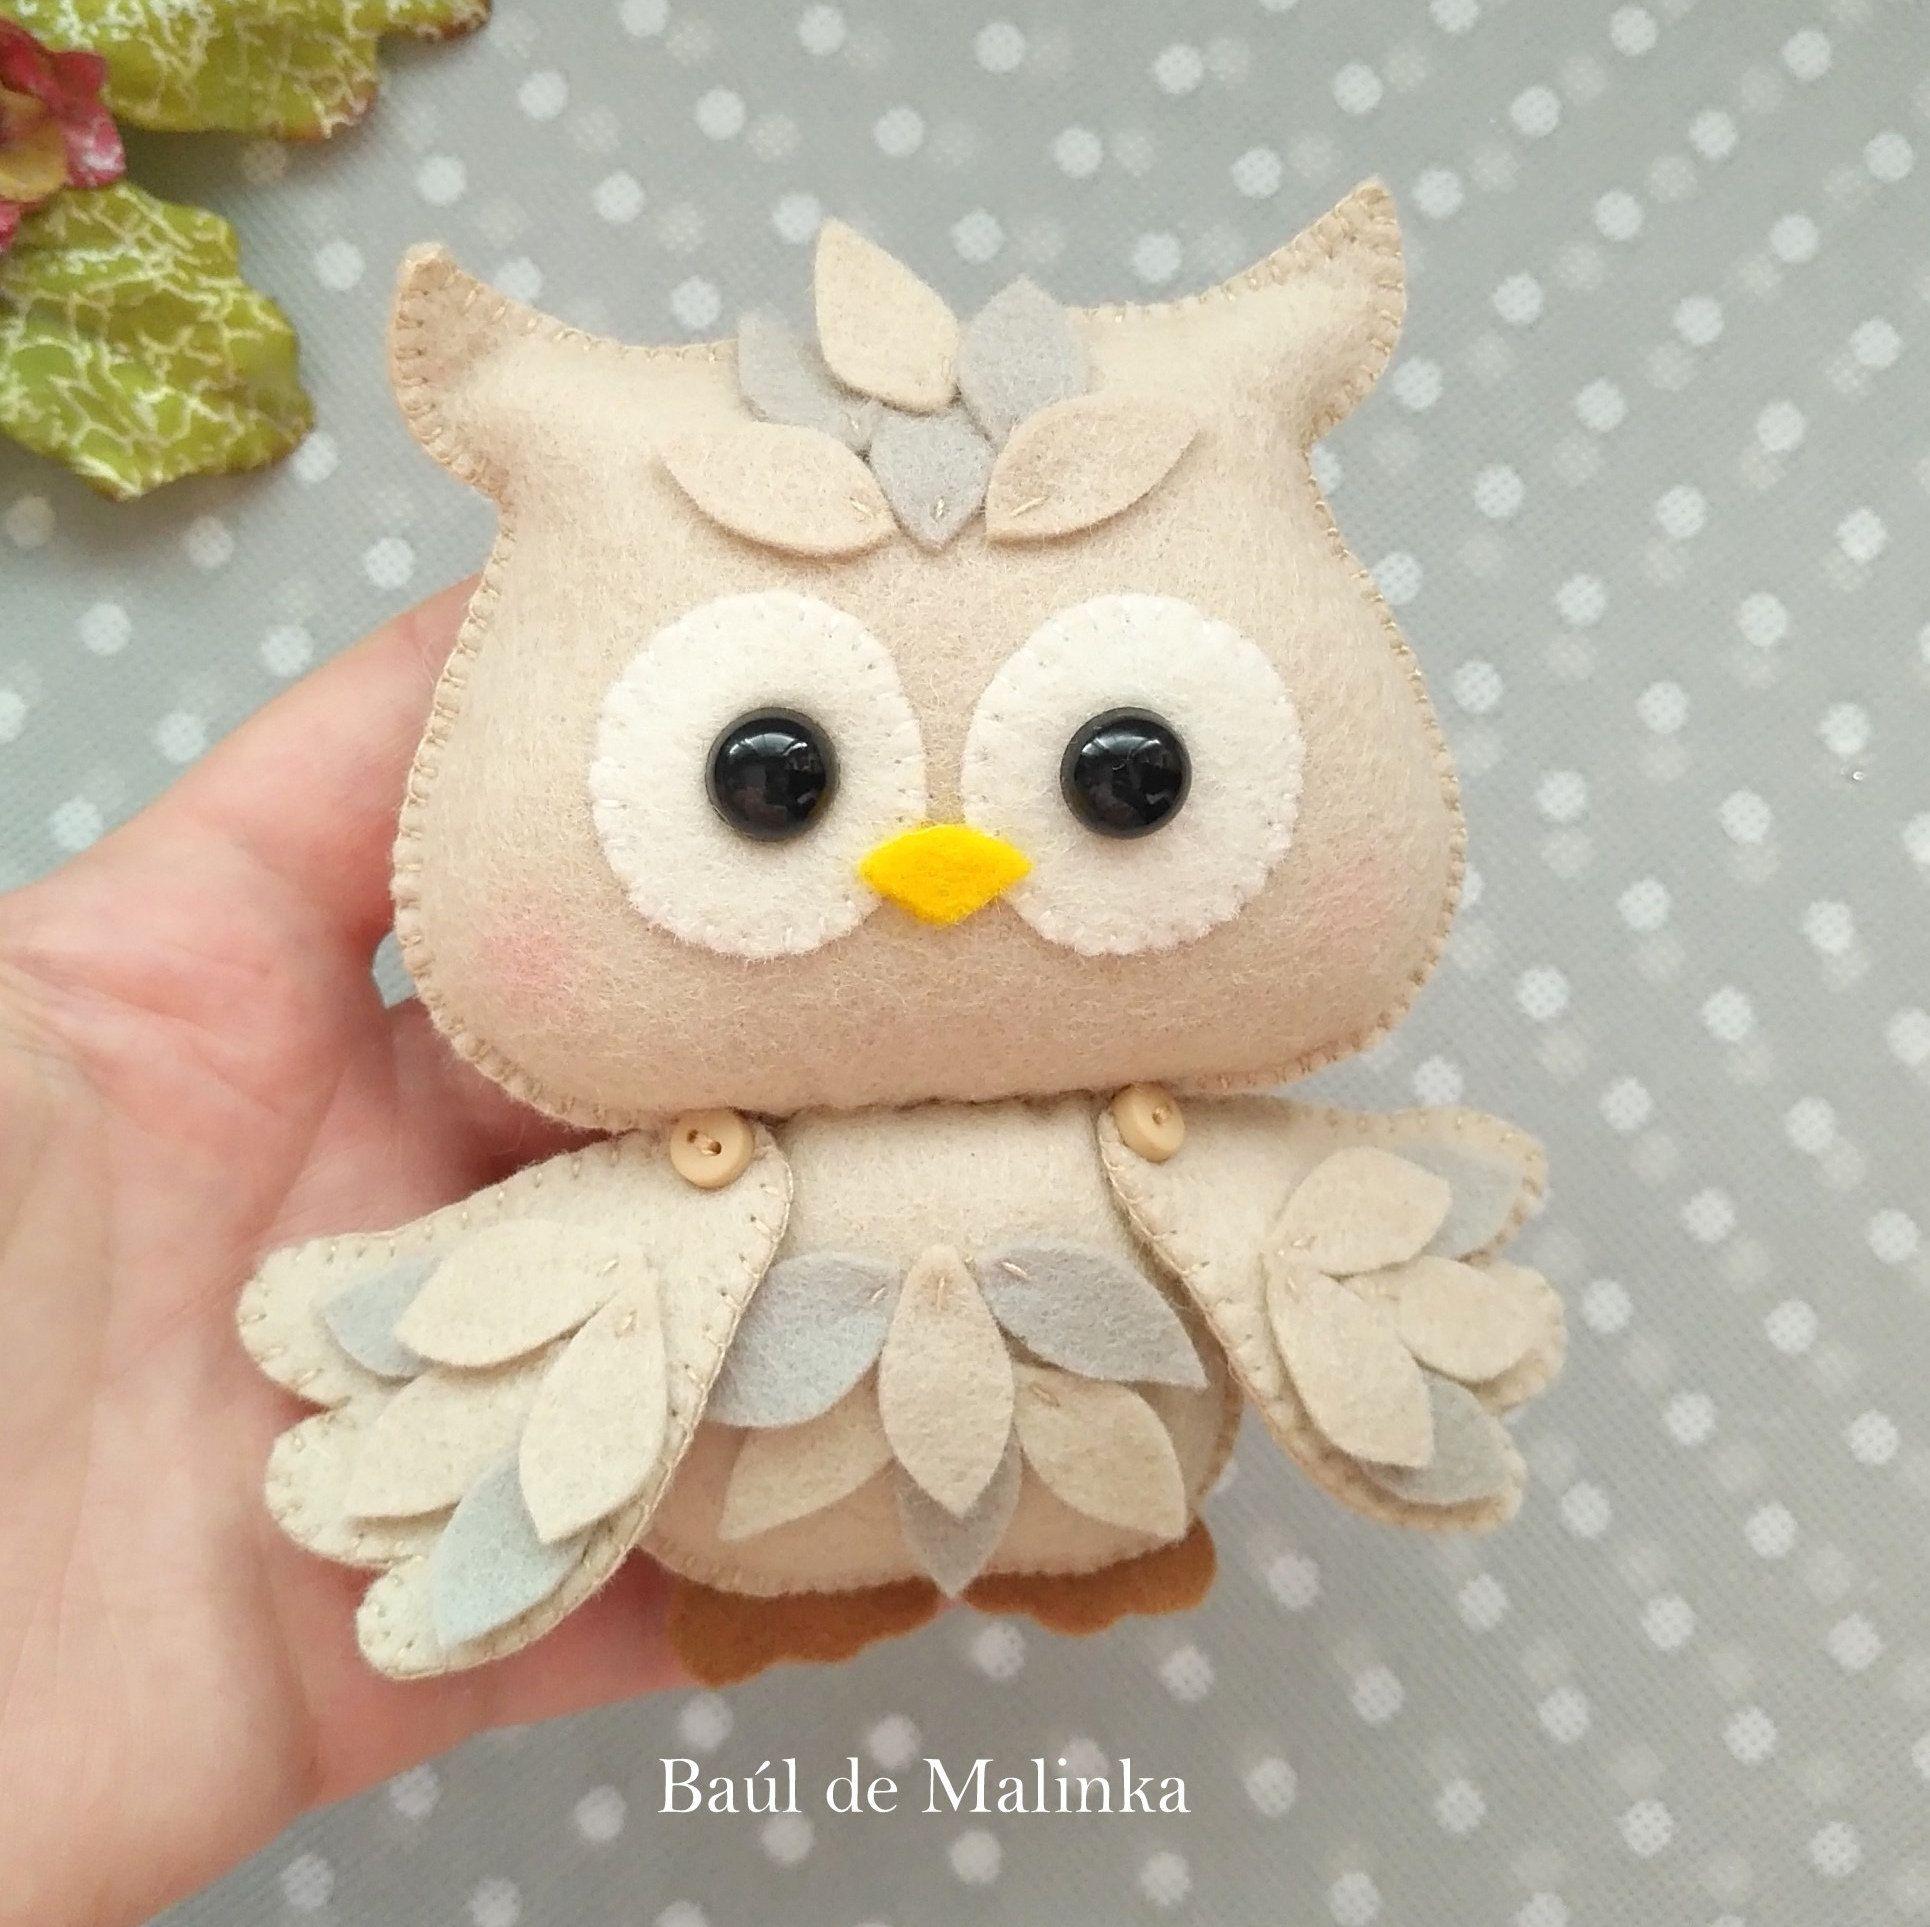 Owl Sewing Pattern Felt Owl Ornament Owl Doll Felt Tutorial Etsy Owl Sewing Patterns Owl Sewing Felt Crafts